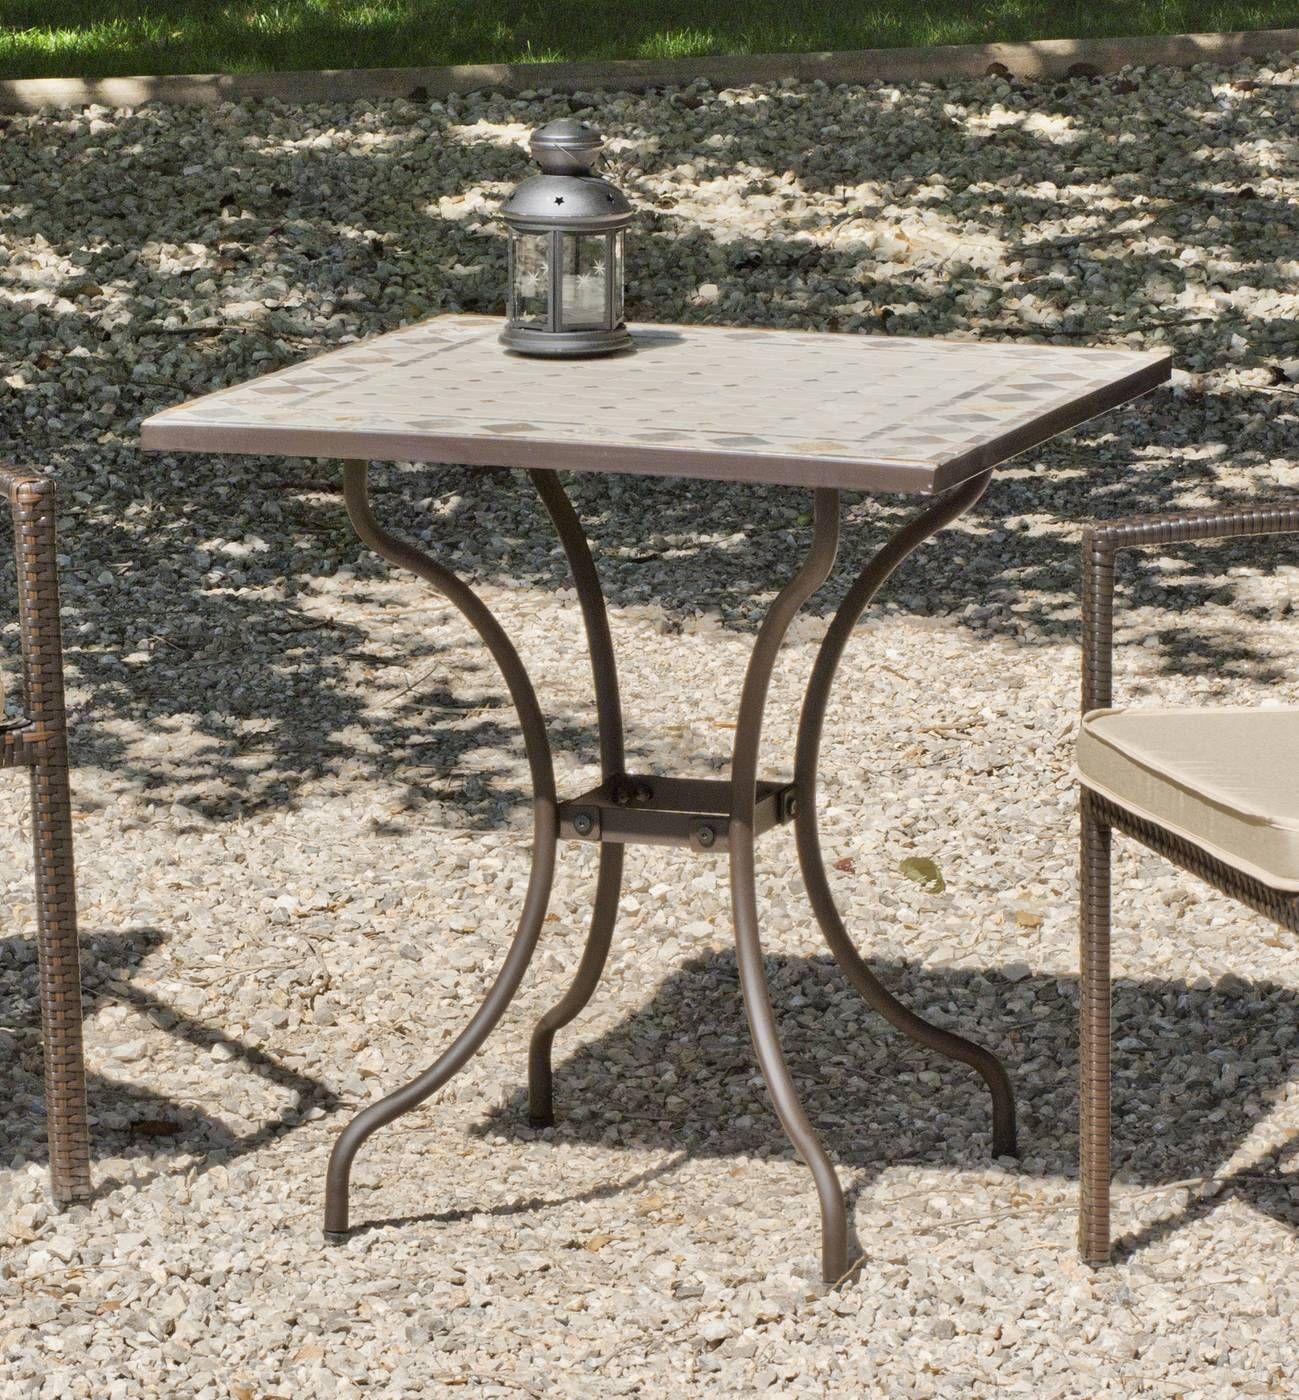 Mesa cuadrada de acero forjado color bronce, con tablero mosaico ...